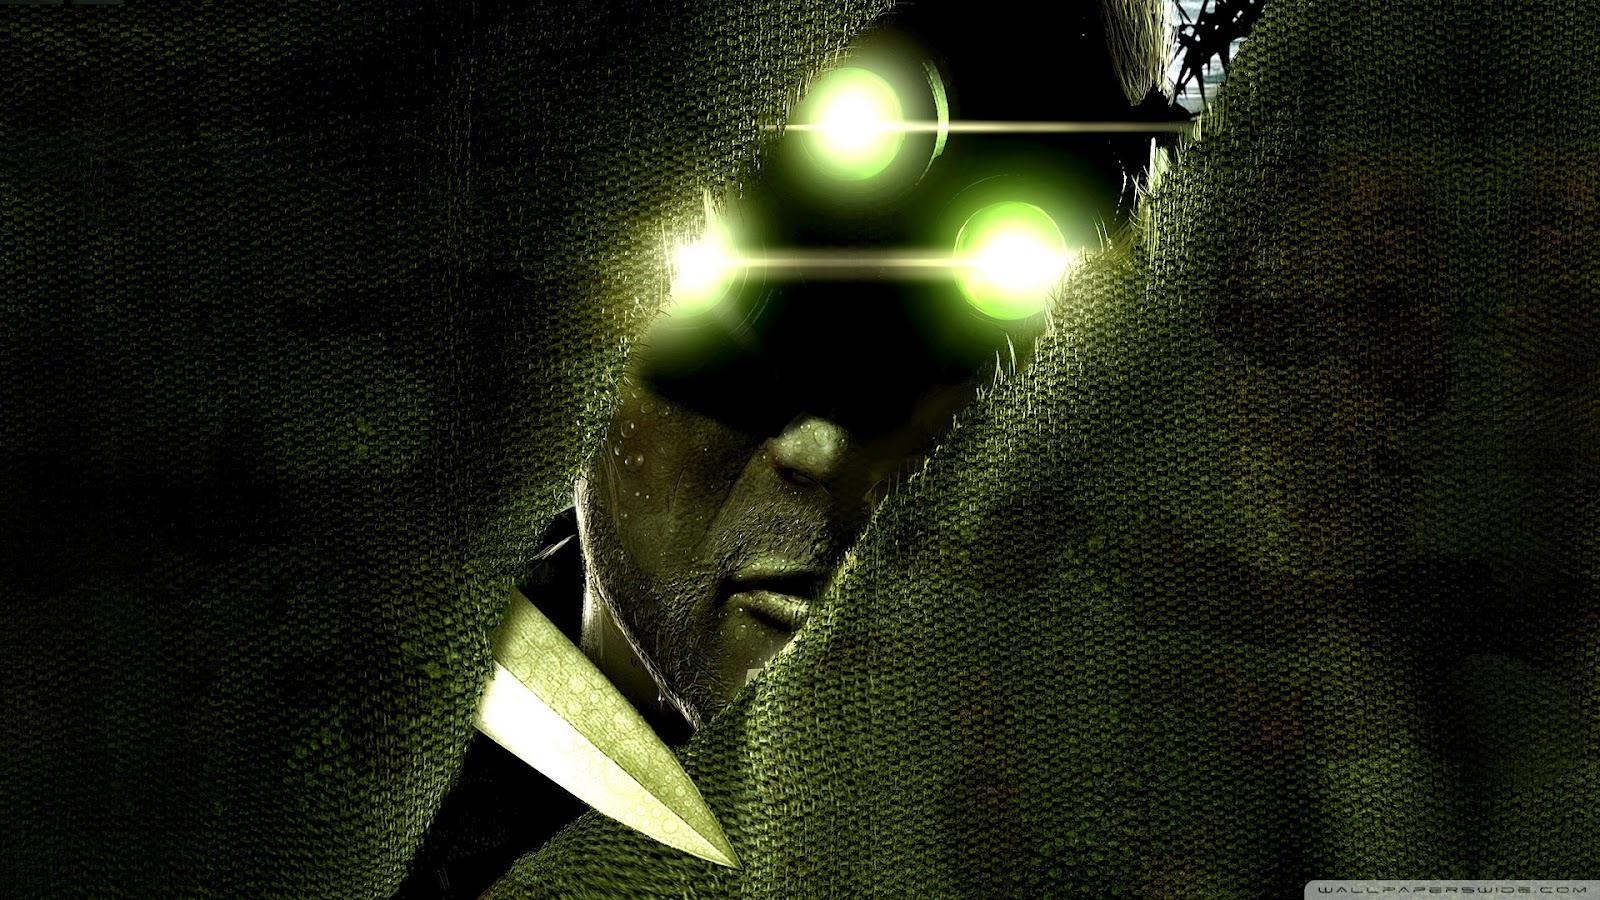 Jin Kazama Hd Wallpaper Gamez Hd Wallpaperz Splinter Cell